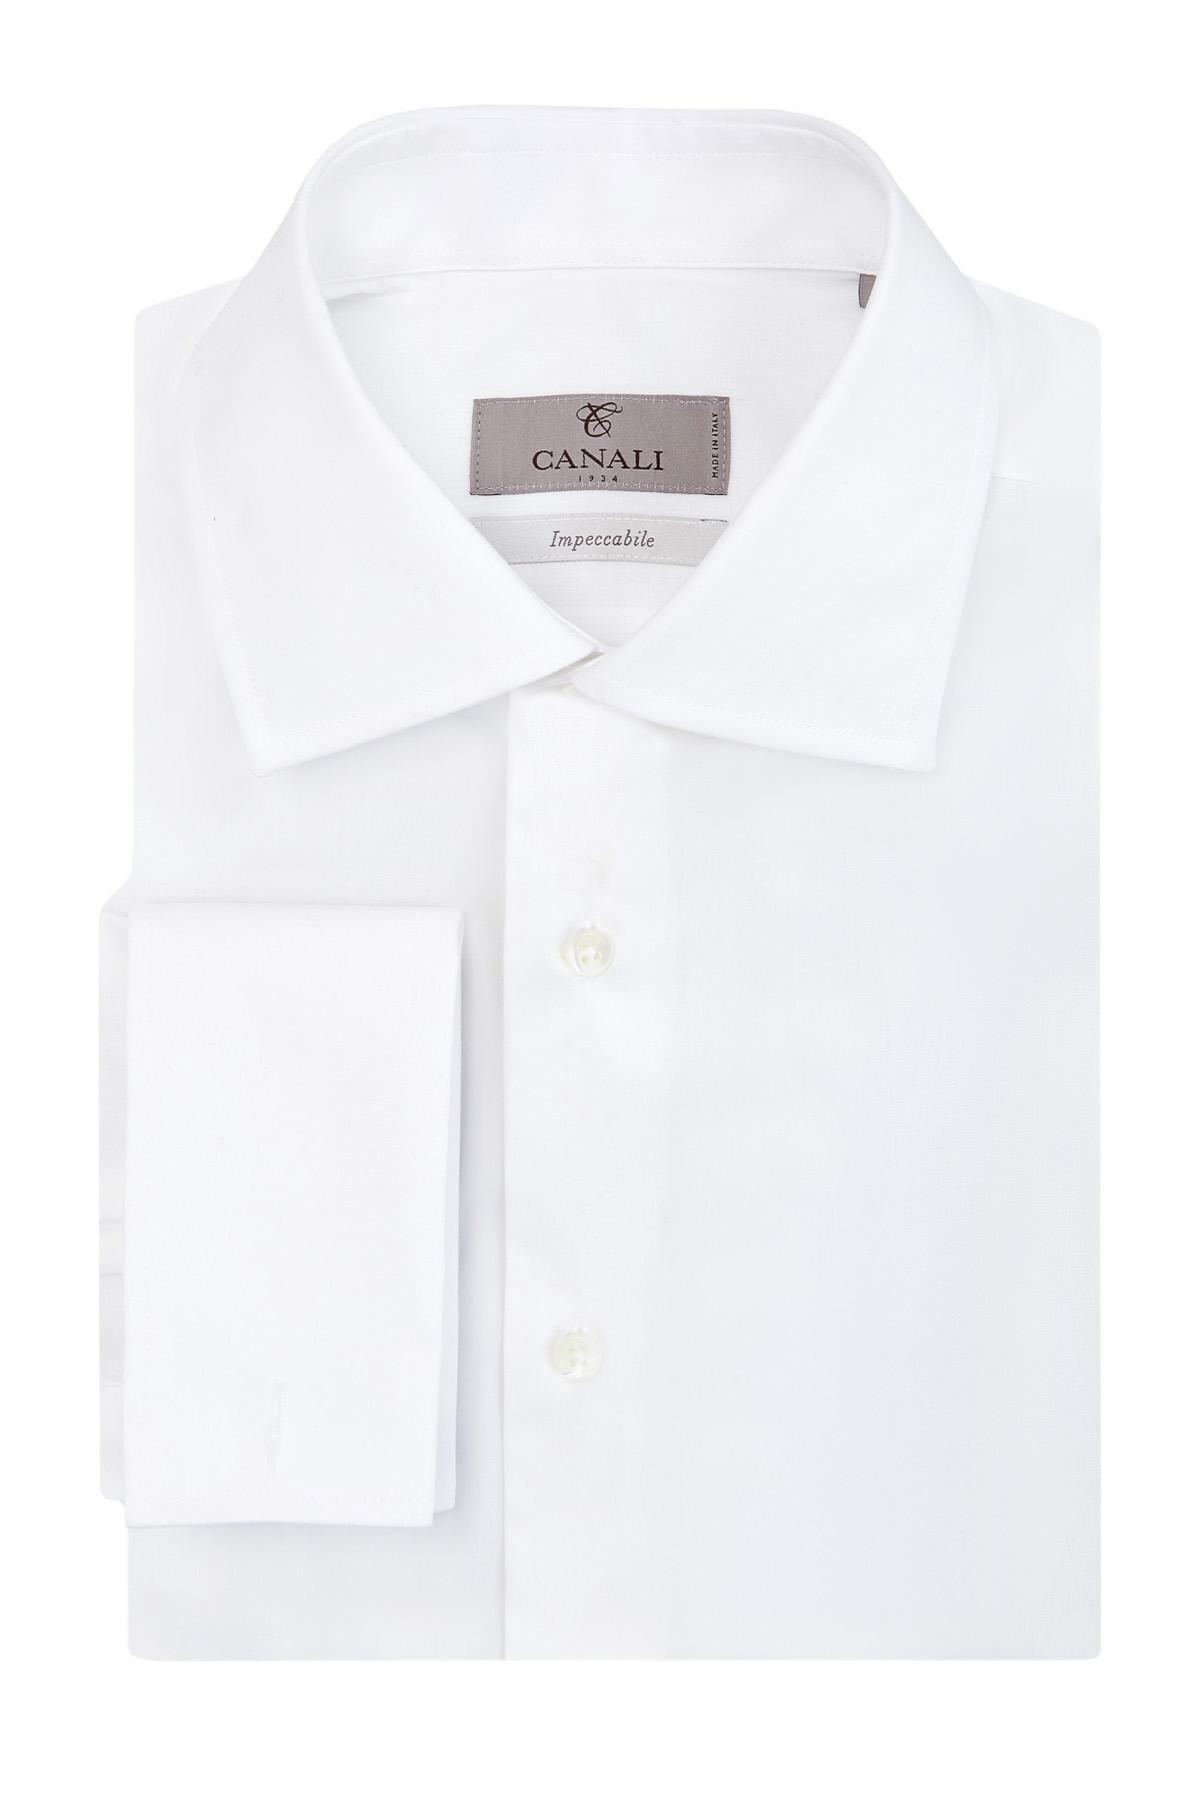 Рубашка из поплина Impeccabile с манжетами под запонки